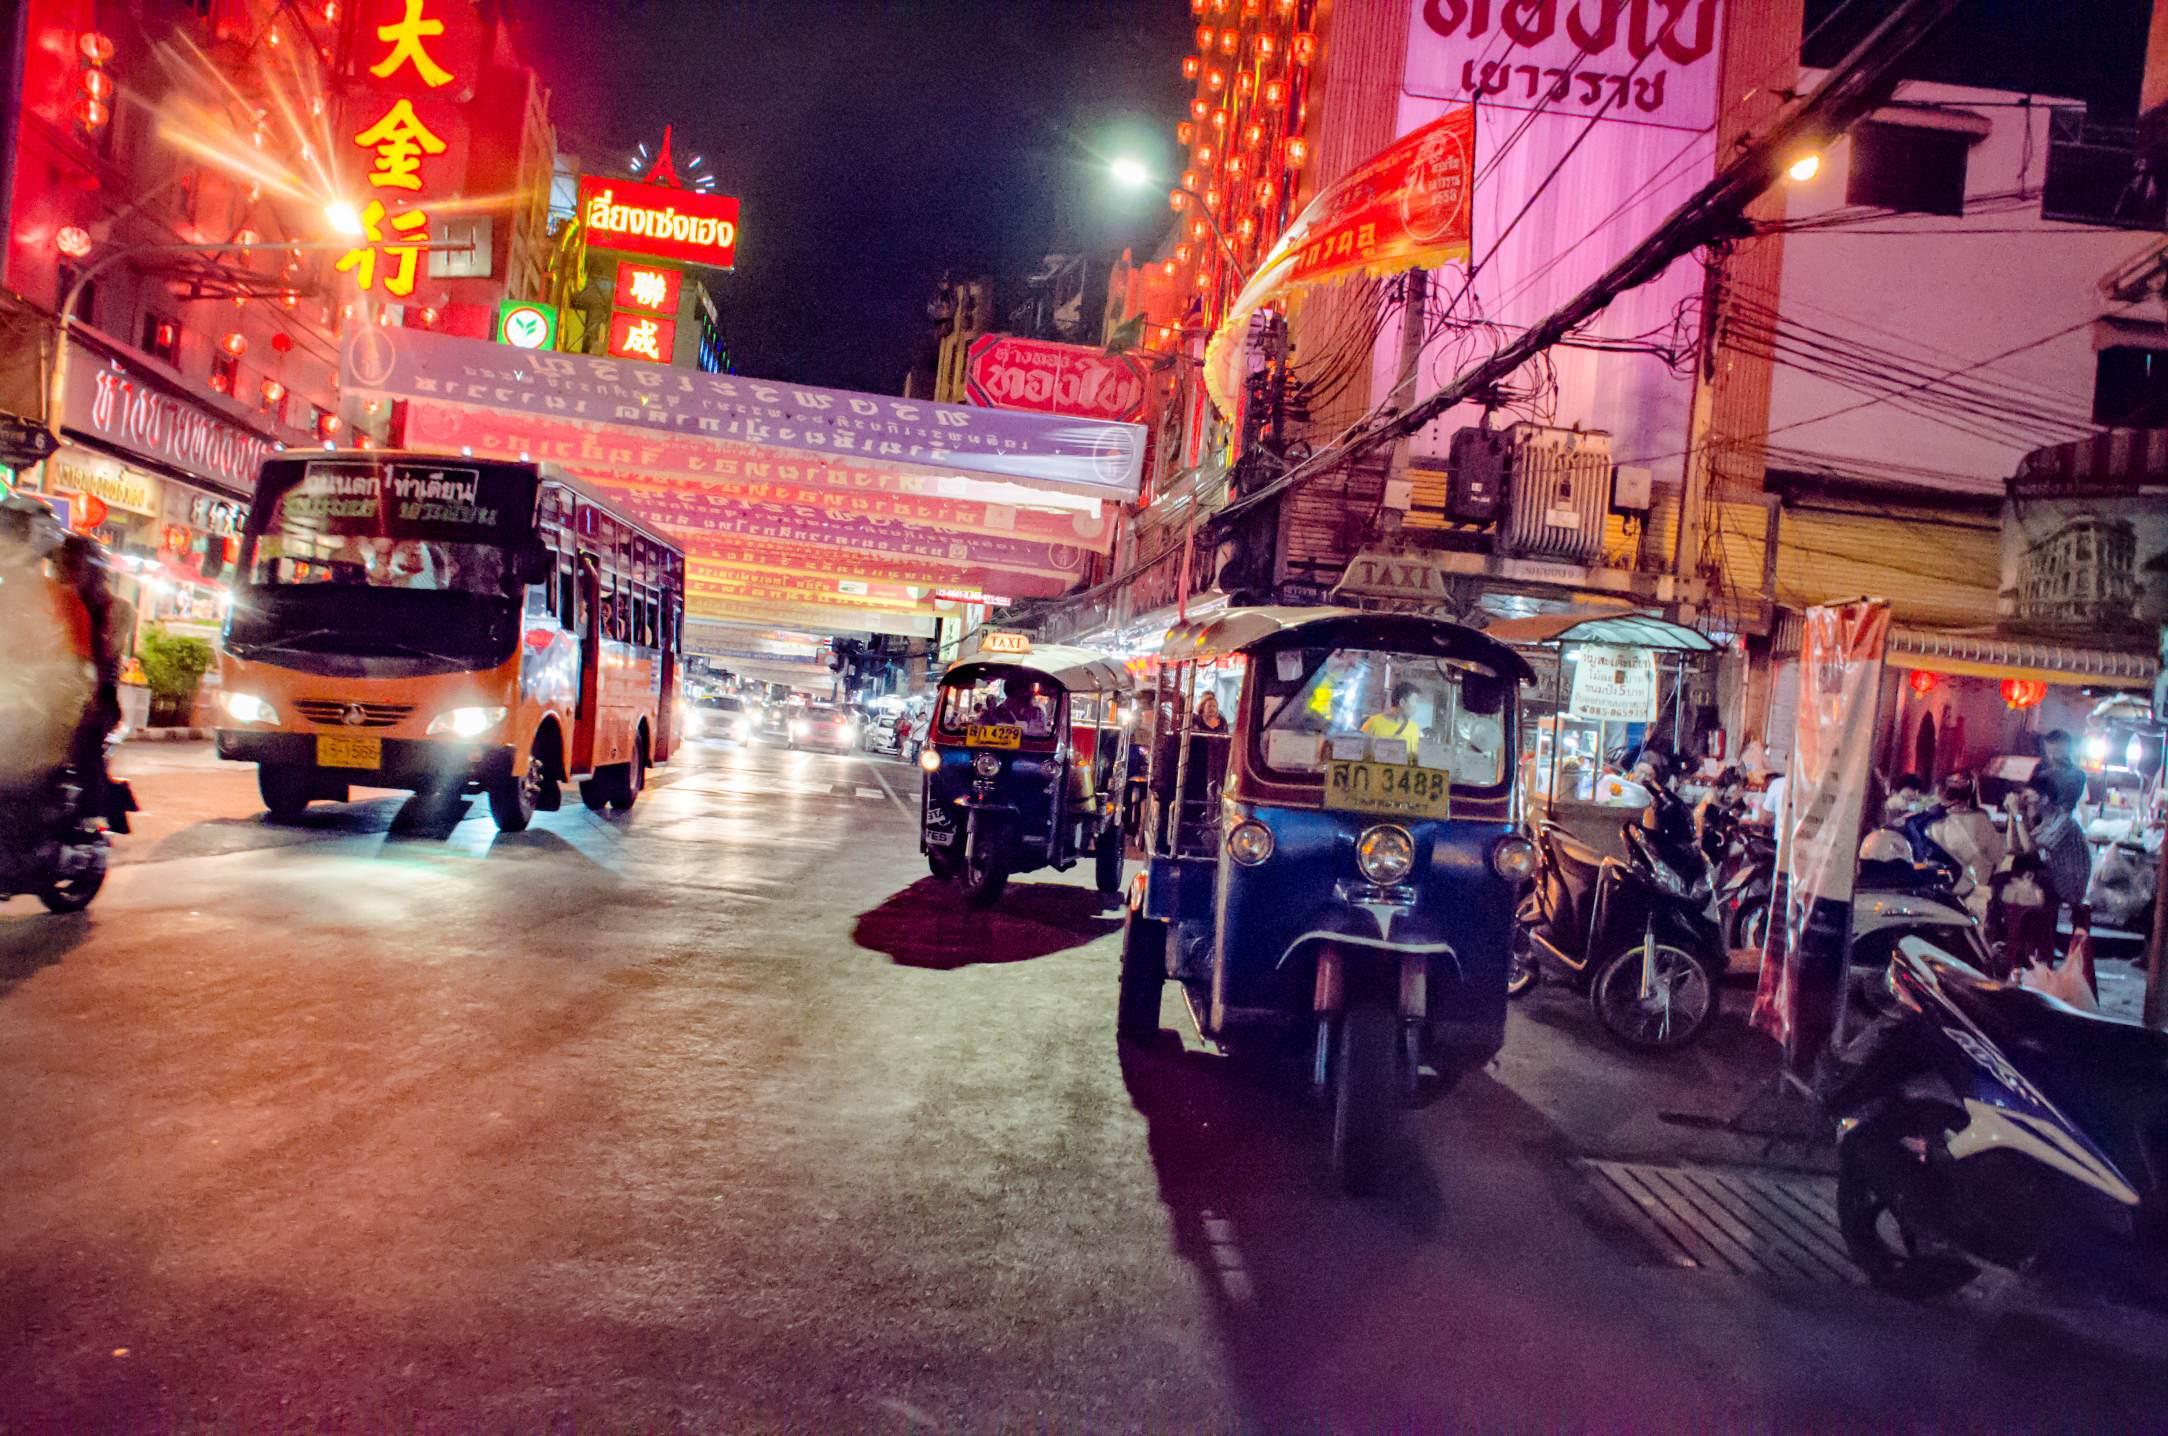 Pays qui profitent le plus du tourisme - Thaïlande. Ici, Bangkok. - Photo © Cedric Lizotte